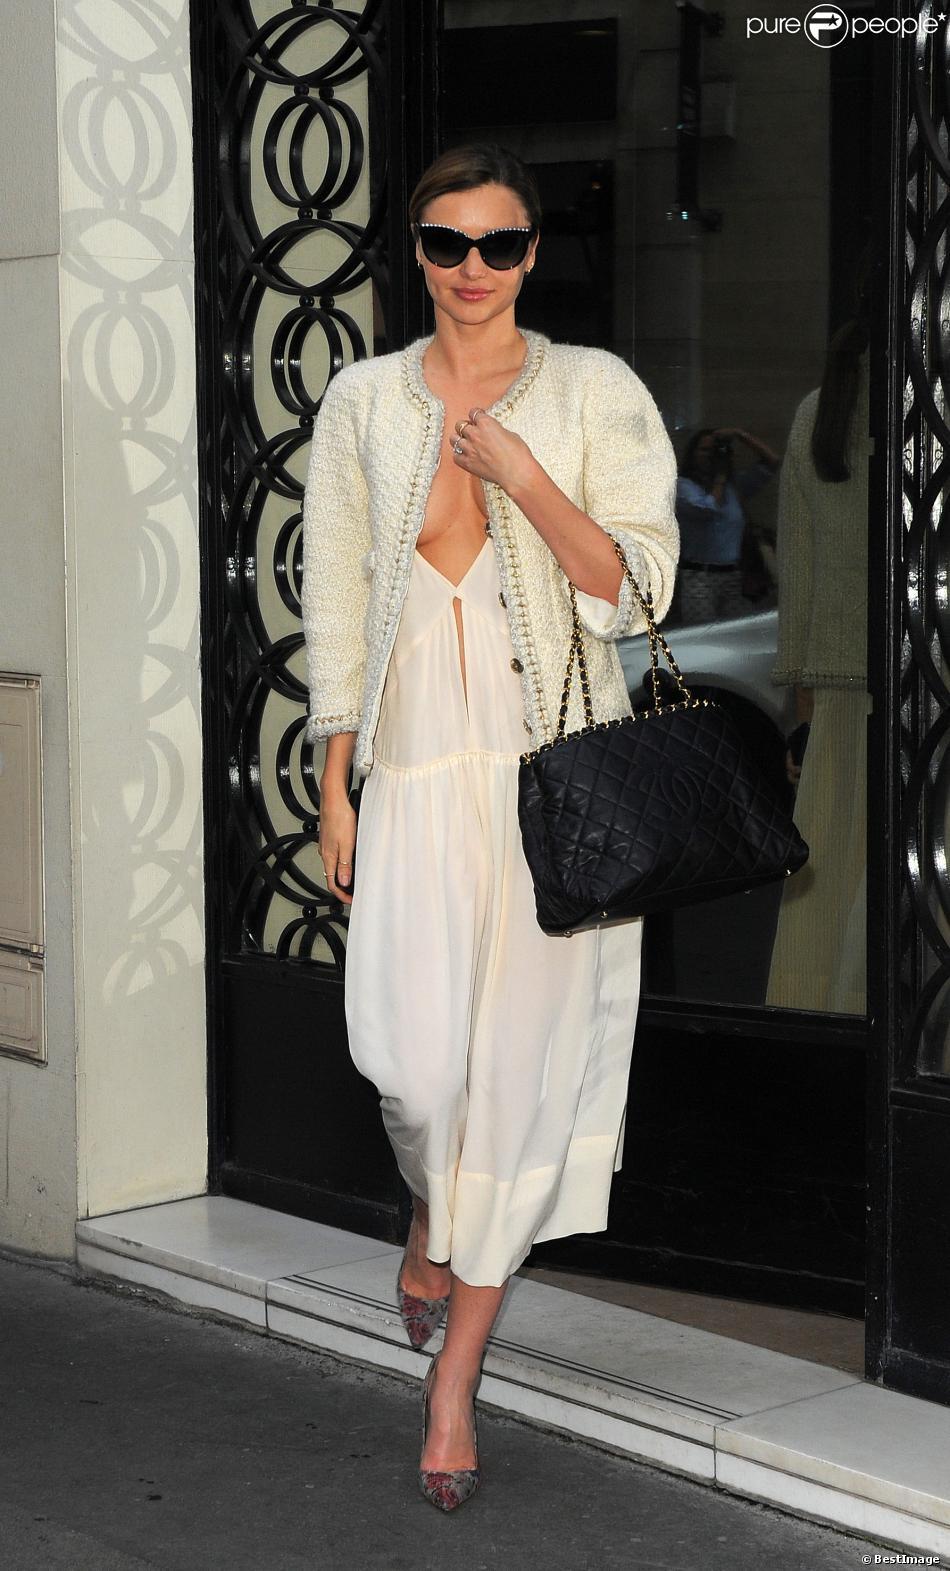 En vue du défilé qui avait lieu ce mardi 1er octobre, Miranda Kerr s'est rendue à la boutique Chanel située au 31 rue Cambon, dans le 1er arrondissement de Paris. Le 30 septembre 2013.